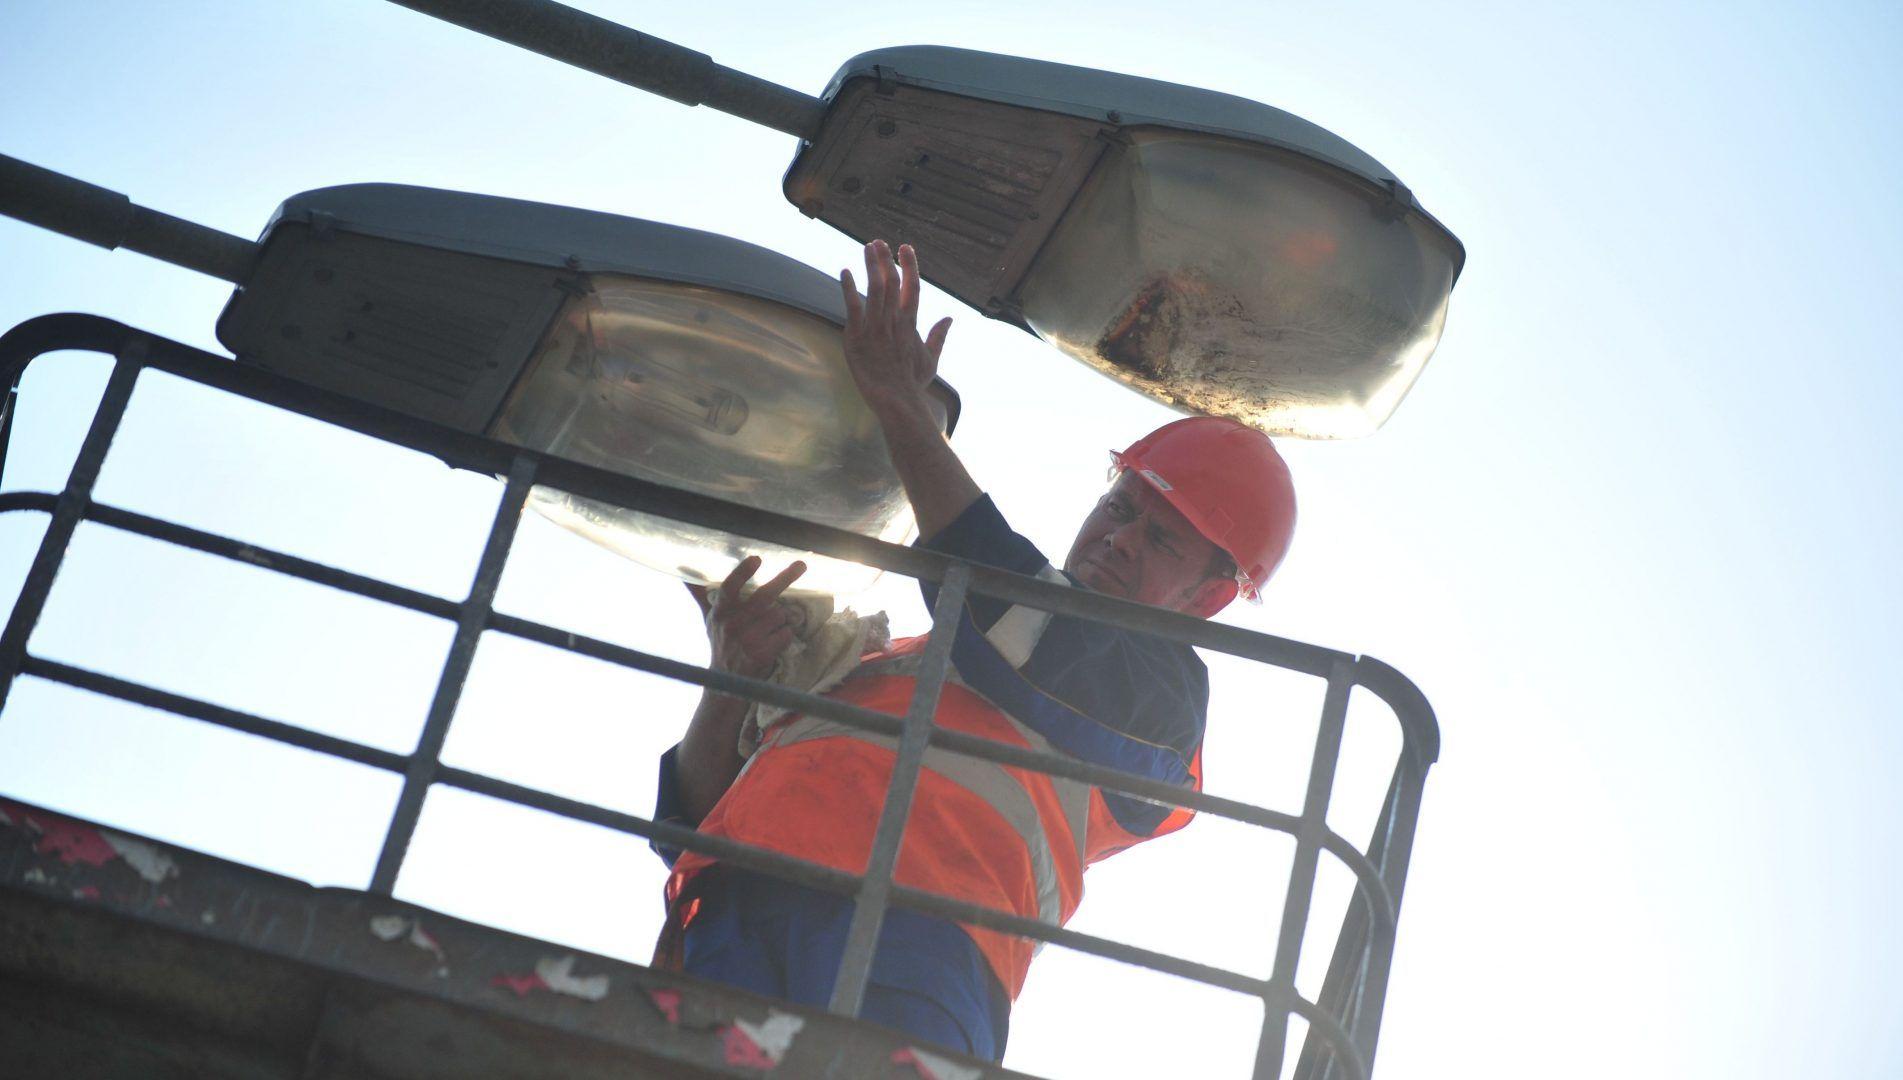 Специалисты установили фонари уличного освещения. Фото: архив, «Вечерняя Москва»